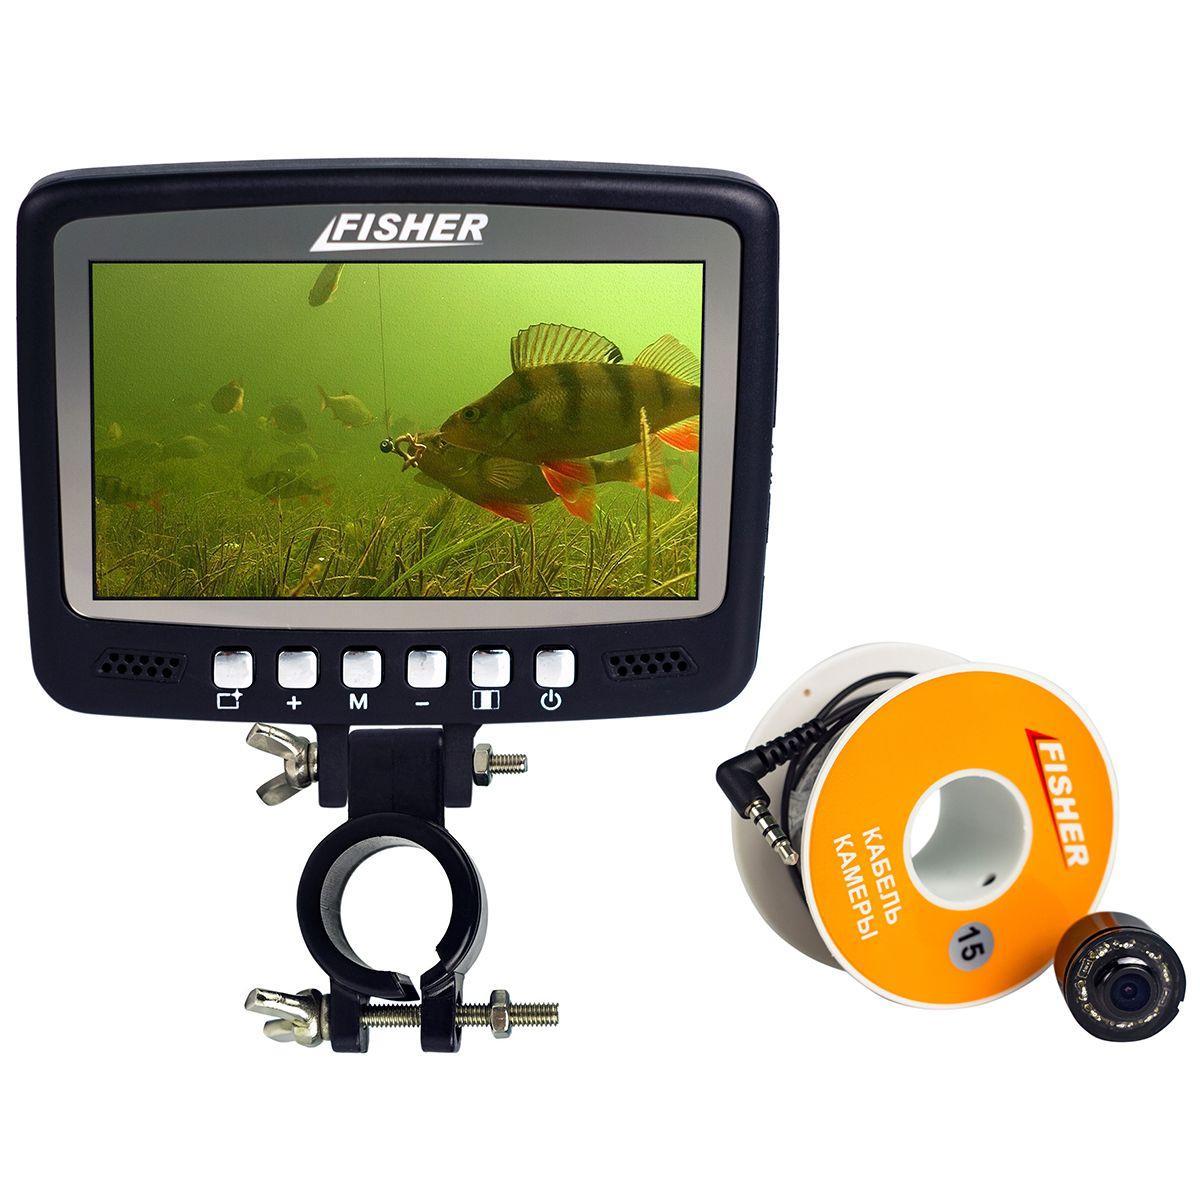 Подводная камера для рыбалки Fisher CR110-7HB